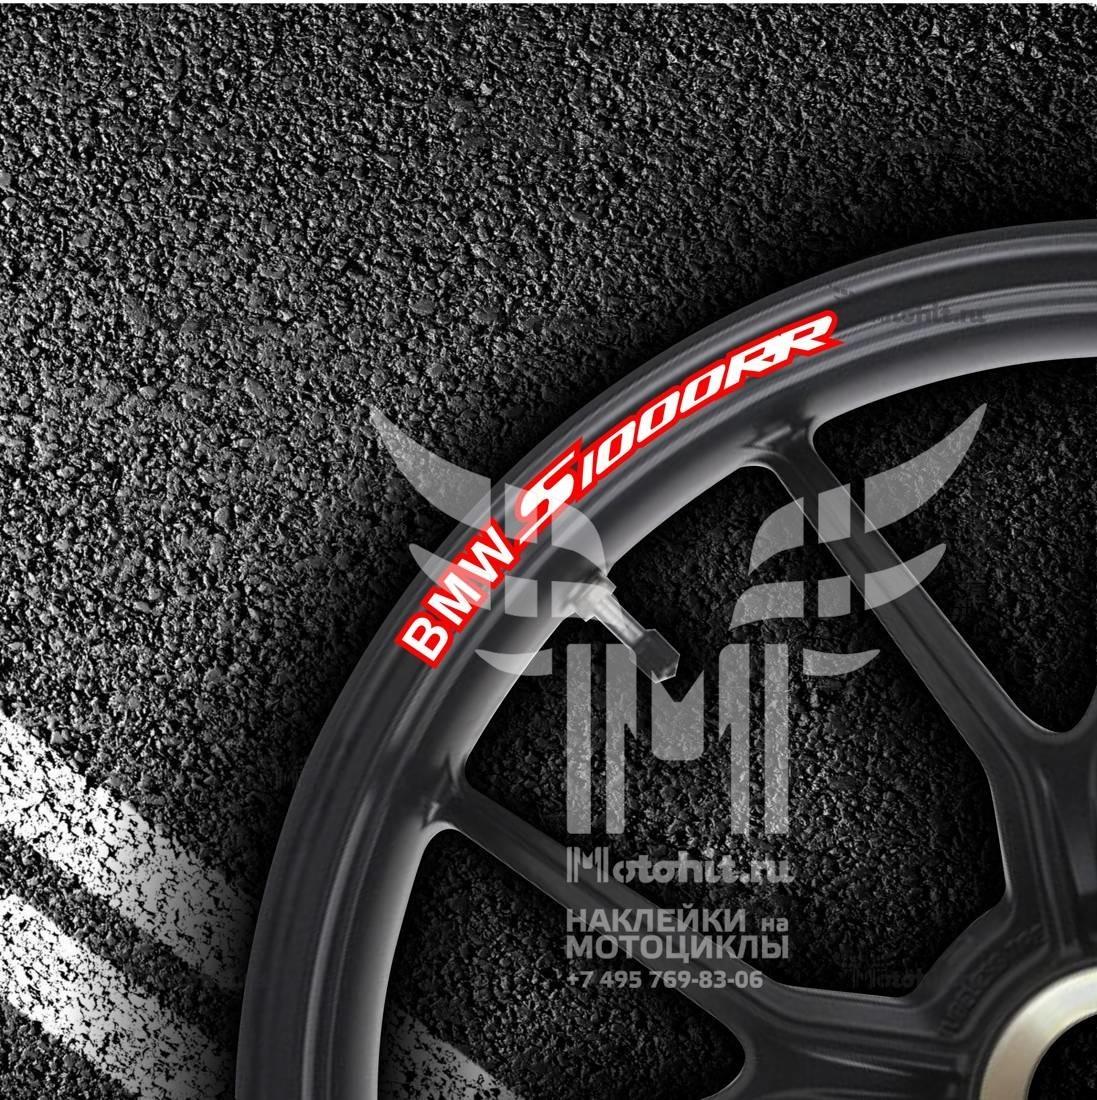 Комплект наклеек на обод колеса мотоцикла BMW S-1000-RR